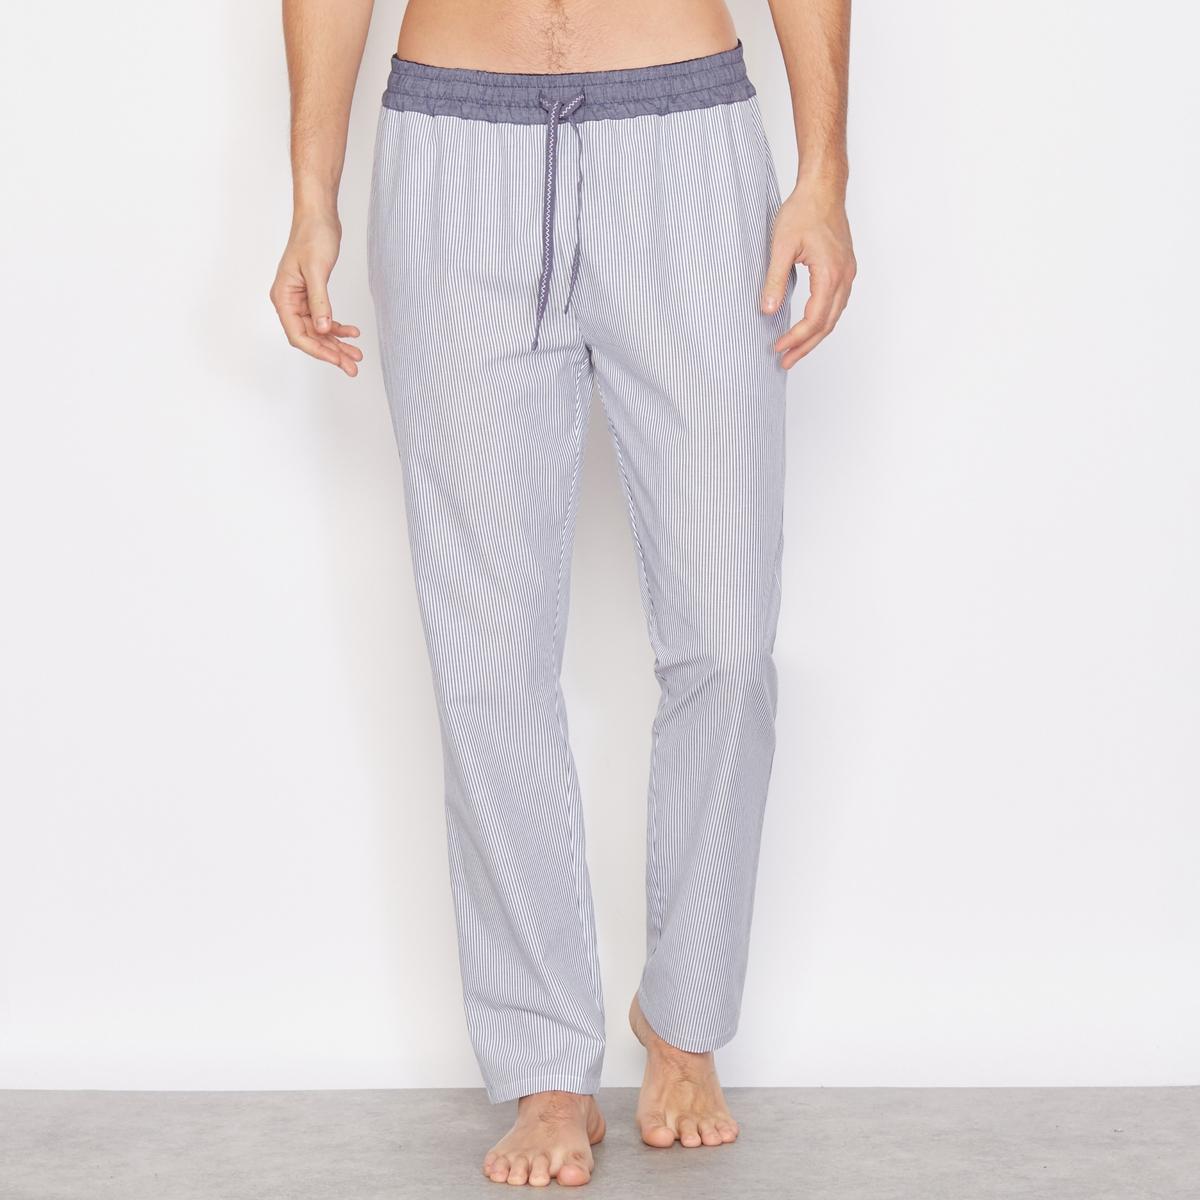 Брюки пижамные в полоску, 100% хлопкаПижамные брюки в тонкую полоску, прямой покрой, эластичный пояс с контрастными завязками. Состав &amp; описание:Материал: 100% хлопка.Марка: R essentiels. Уход:Машинная стирка при 30°.<br><br>Цвет: синий/ в полоску<br>Размер: 48/50.52/54.56/58